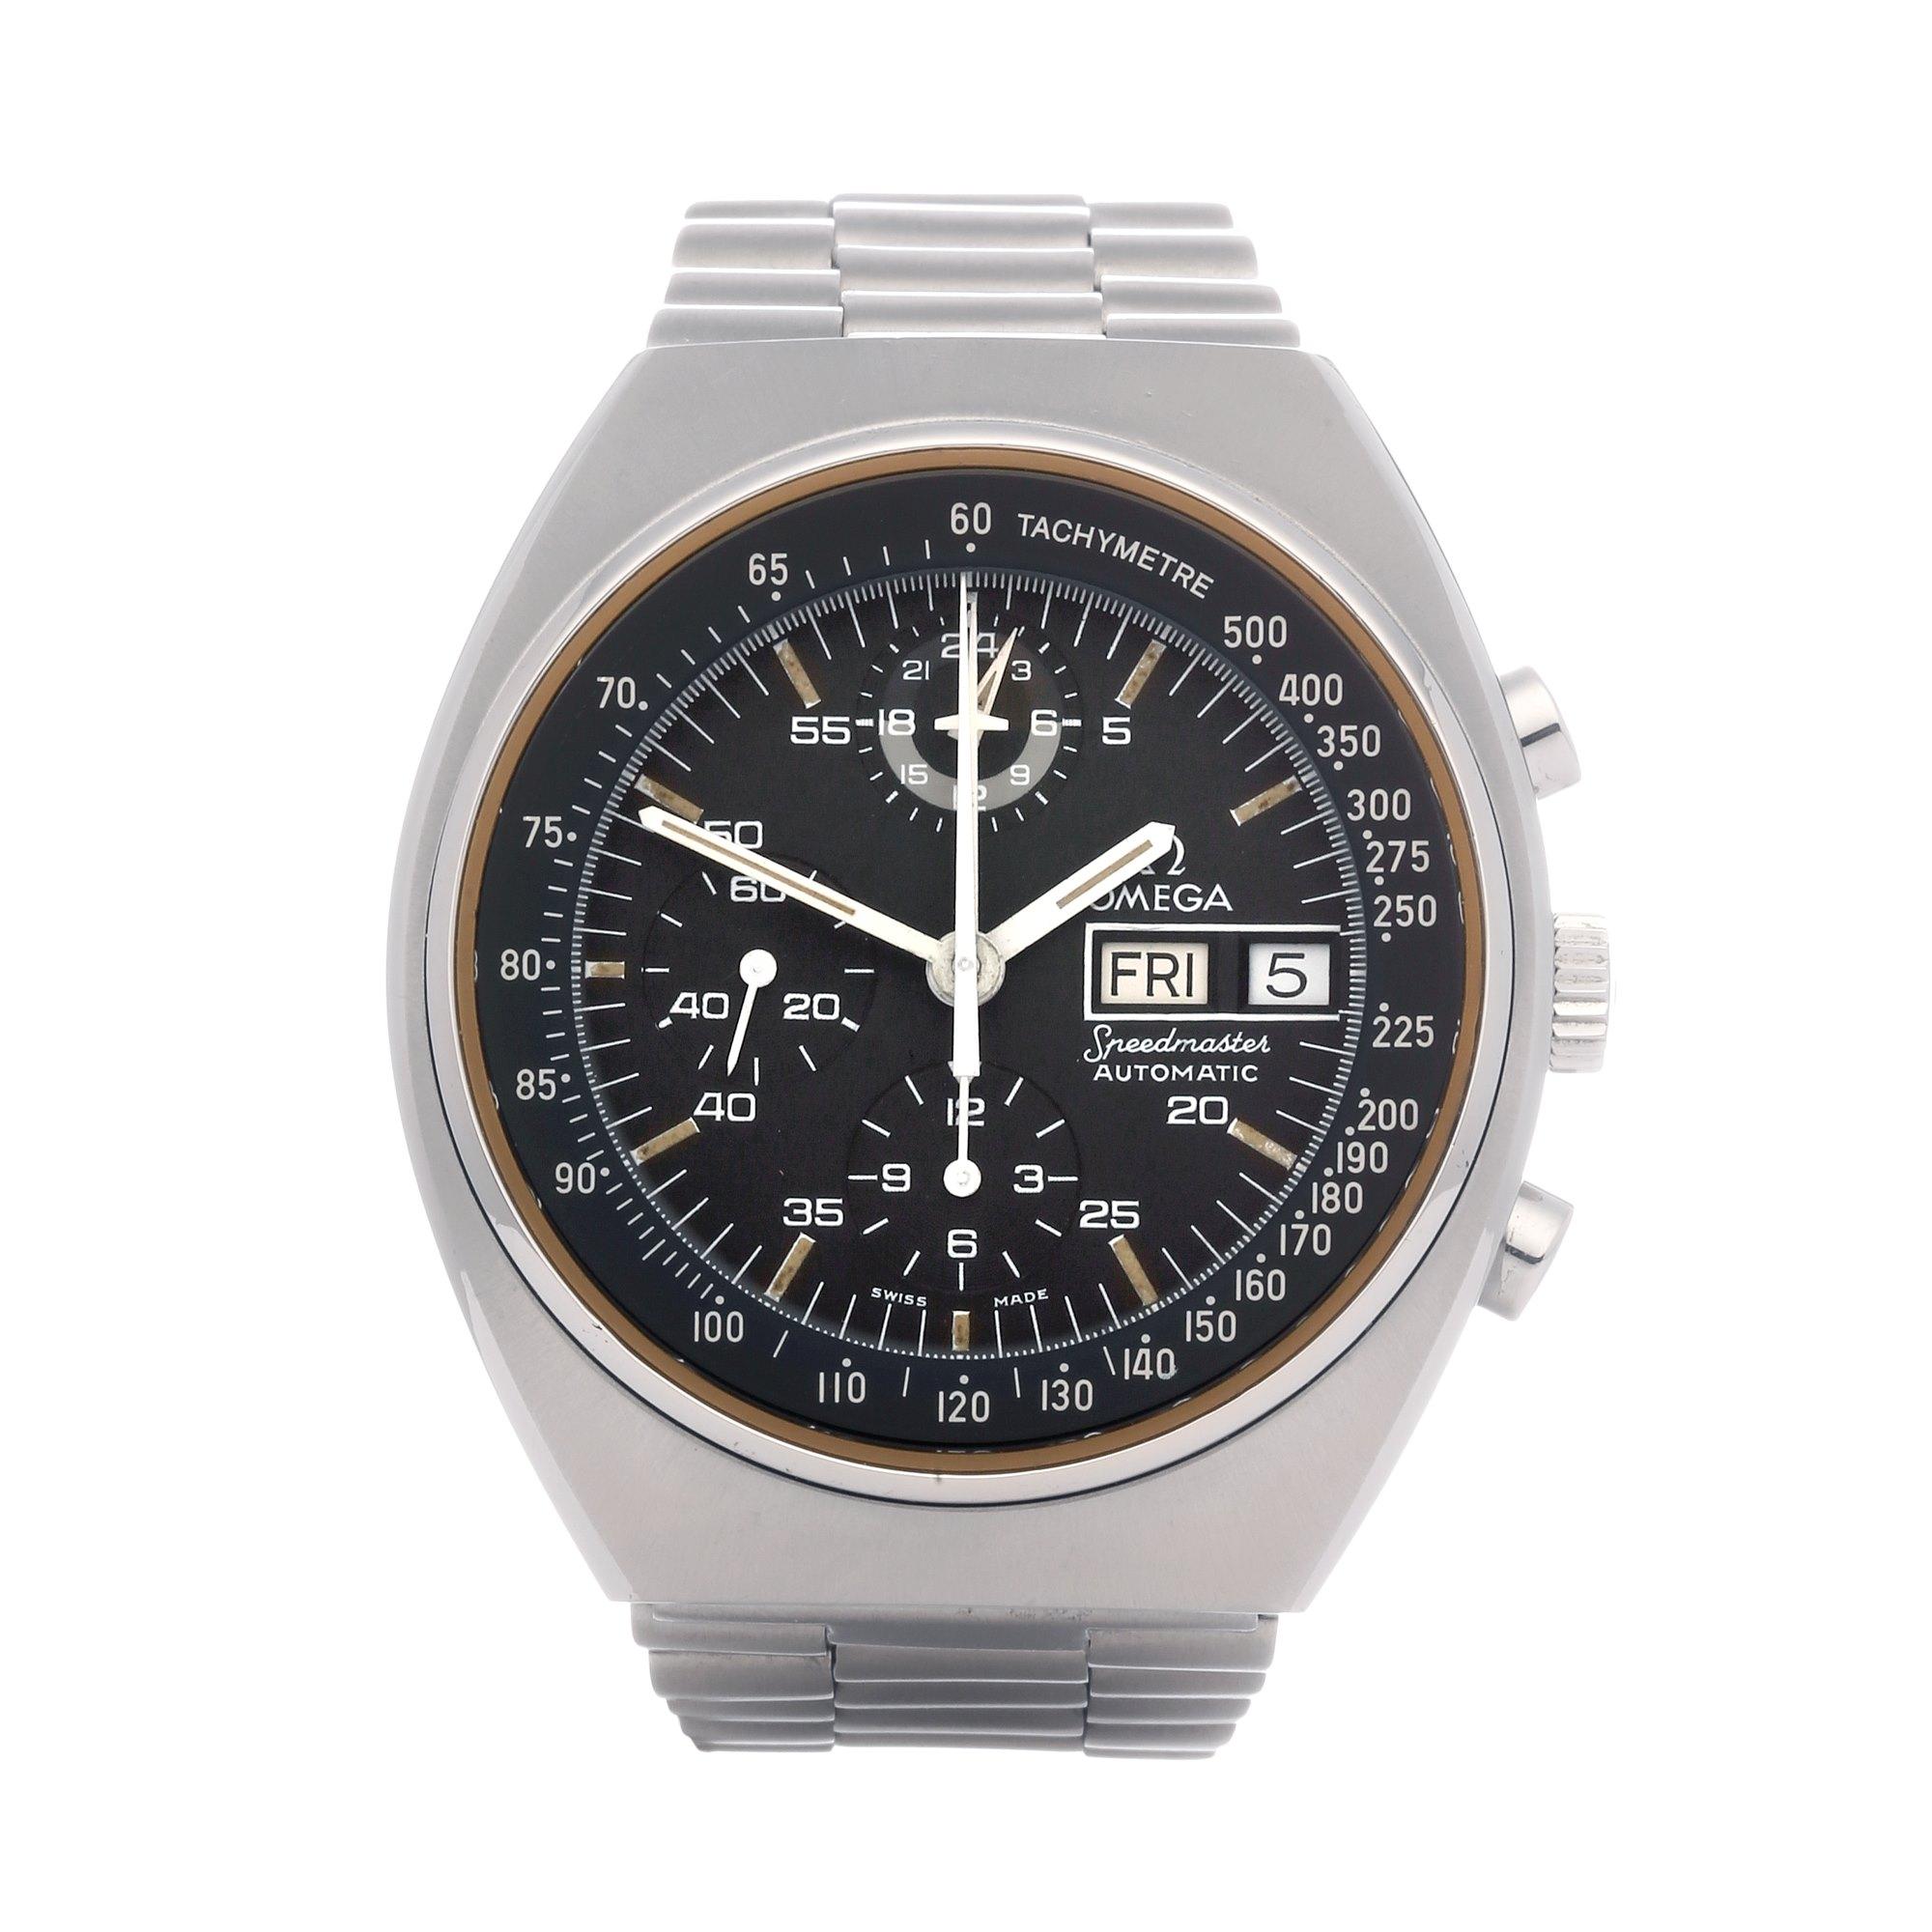 Omega Speedmaster Mark 4.5 Chronograph Stainless Steel - 176.0012 Stainless Steel 176.0012